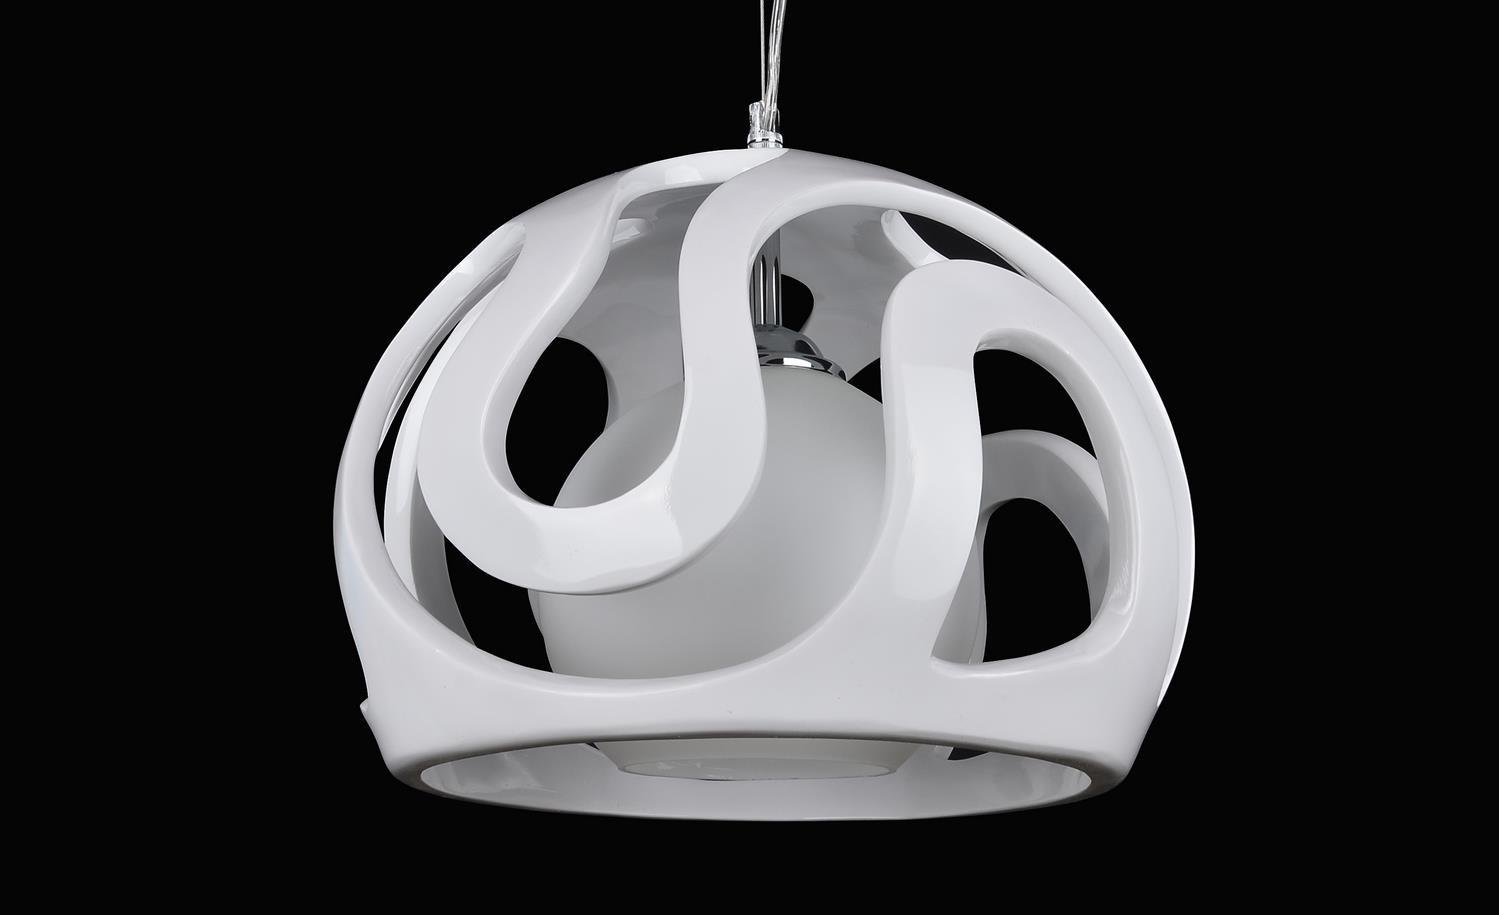 lampy domowe